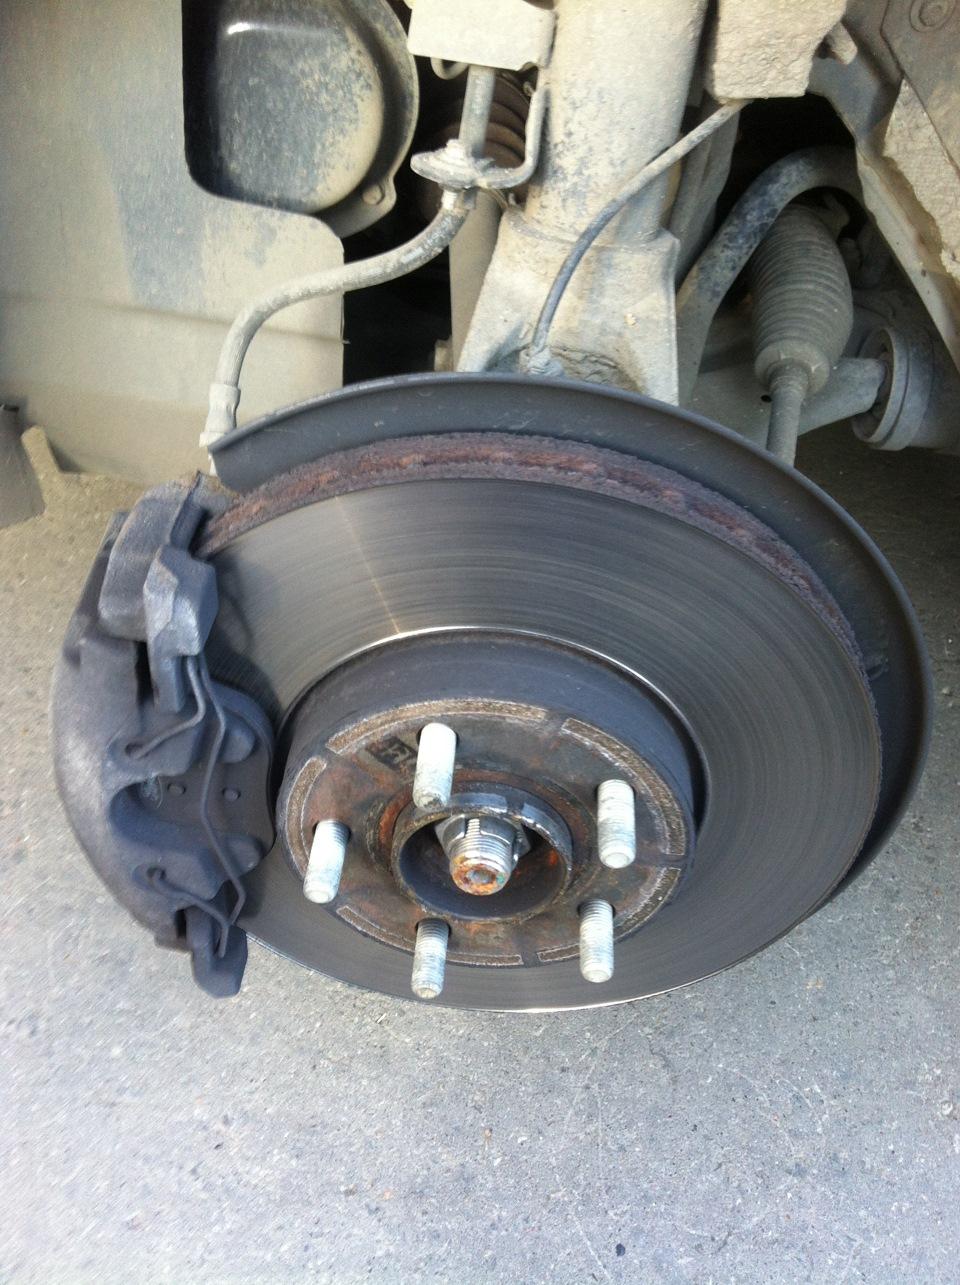 Замена тормозных колодок на форд фокус 3 своими руками 2